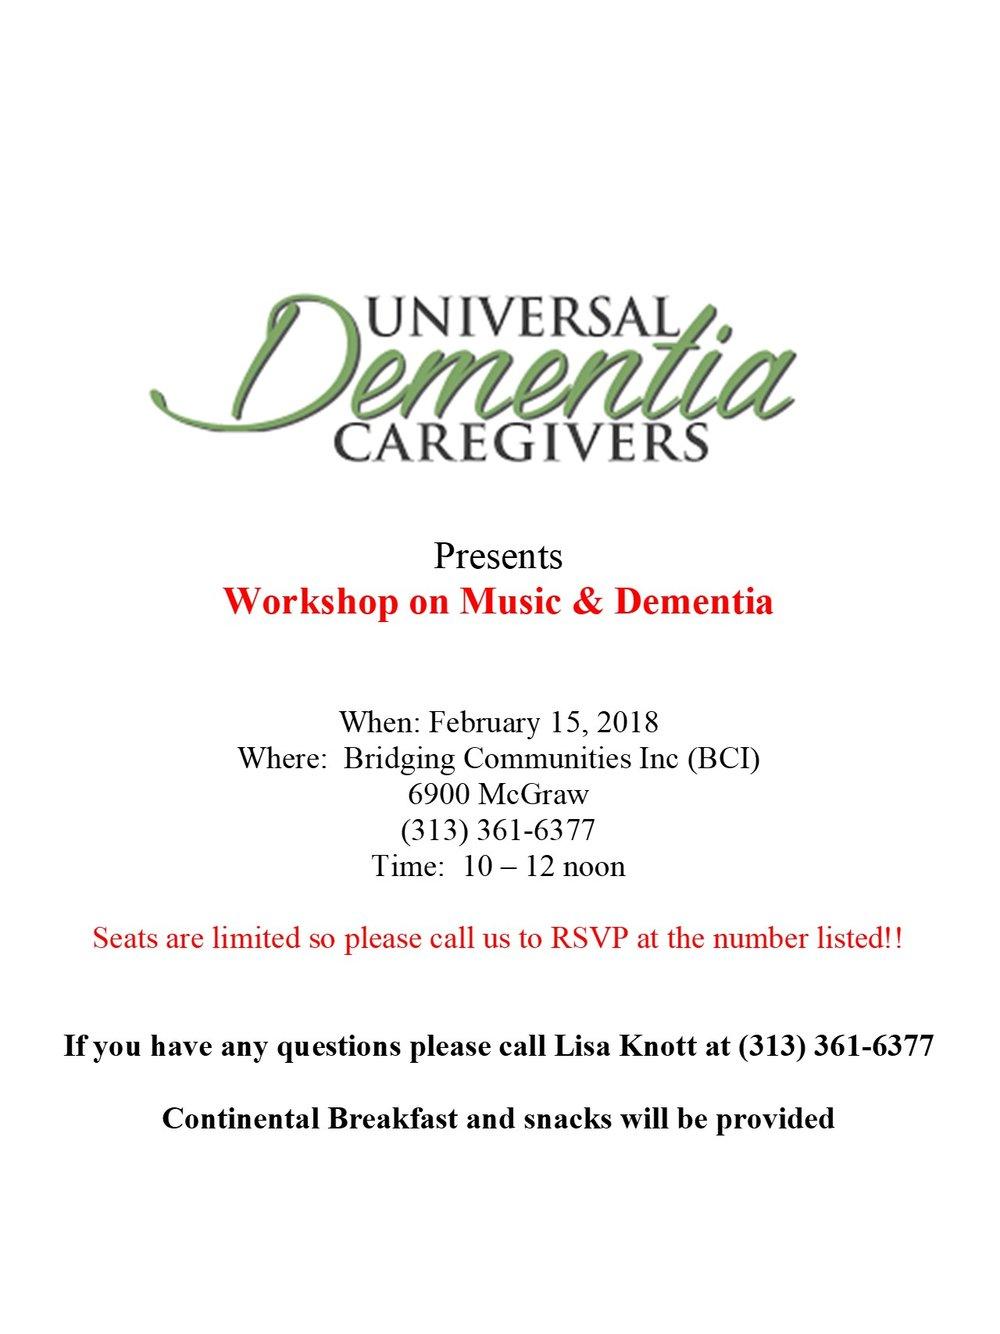 2-15 flyer_musicdementia.jpg